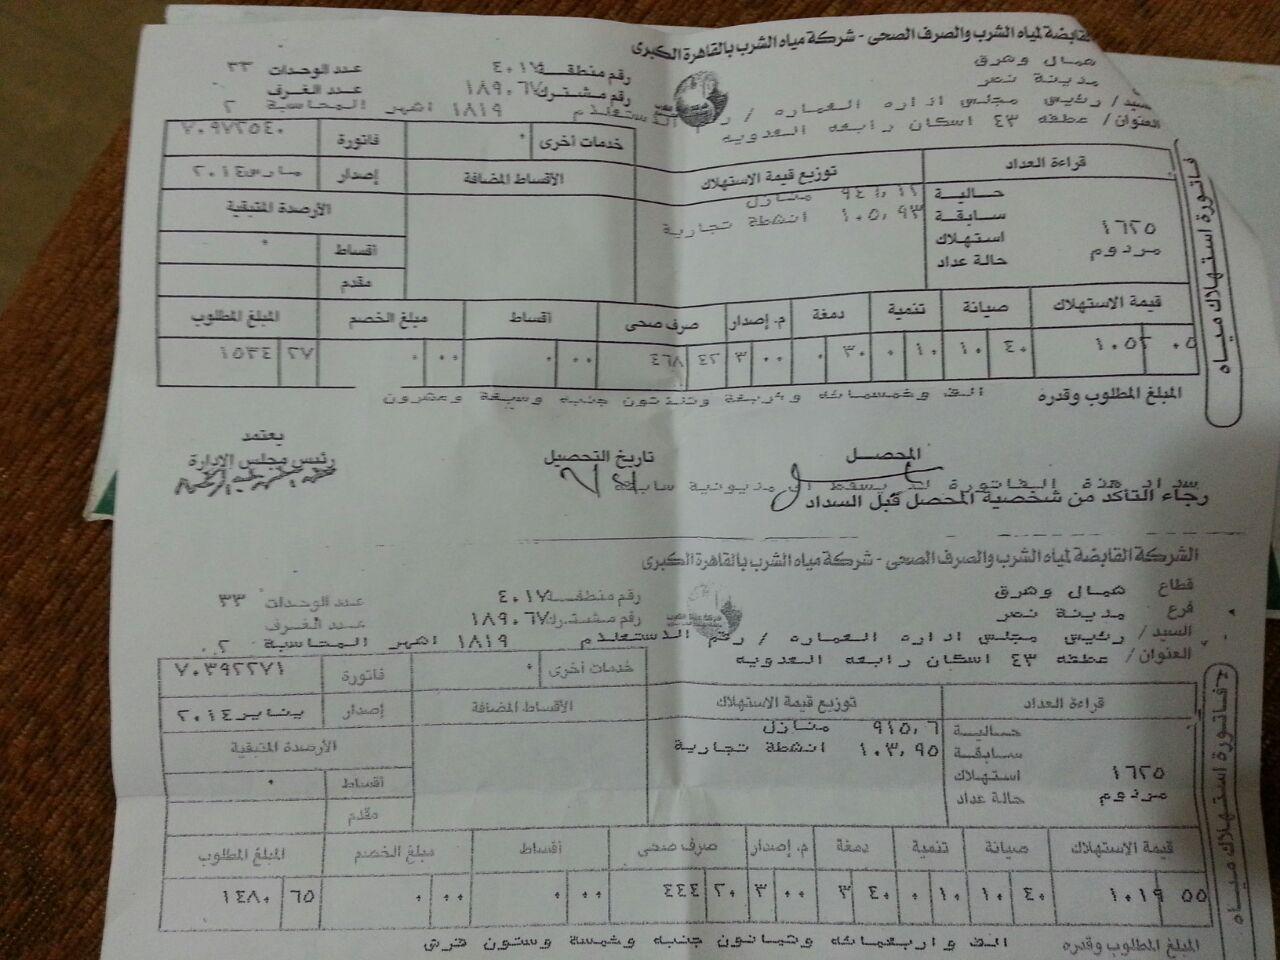 #امسك_فاتورة| فواتير مياه عقار بمدينة نصر ارتفعت من 1500 لـ 7 آلاف في عام (صور)